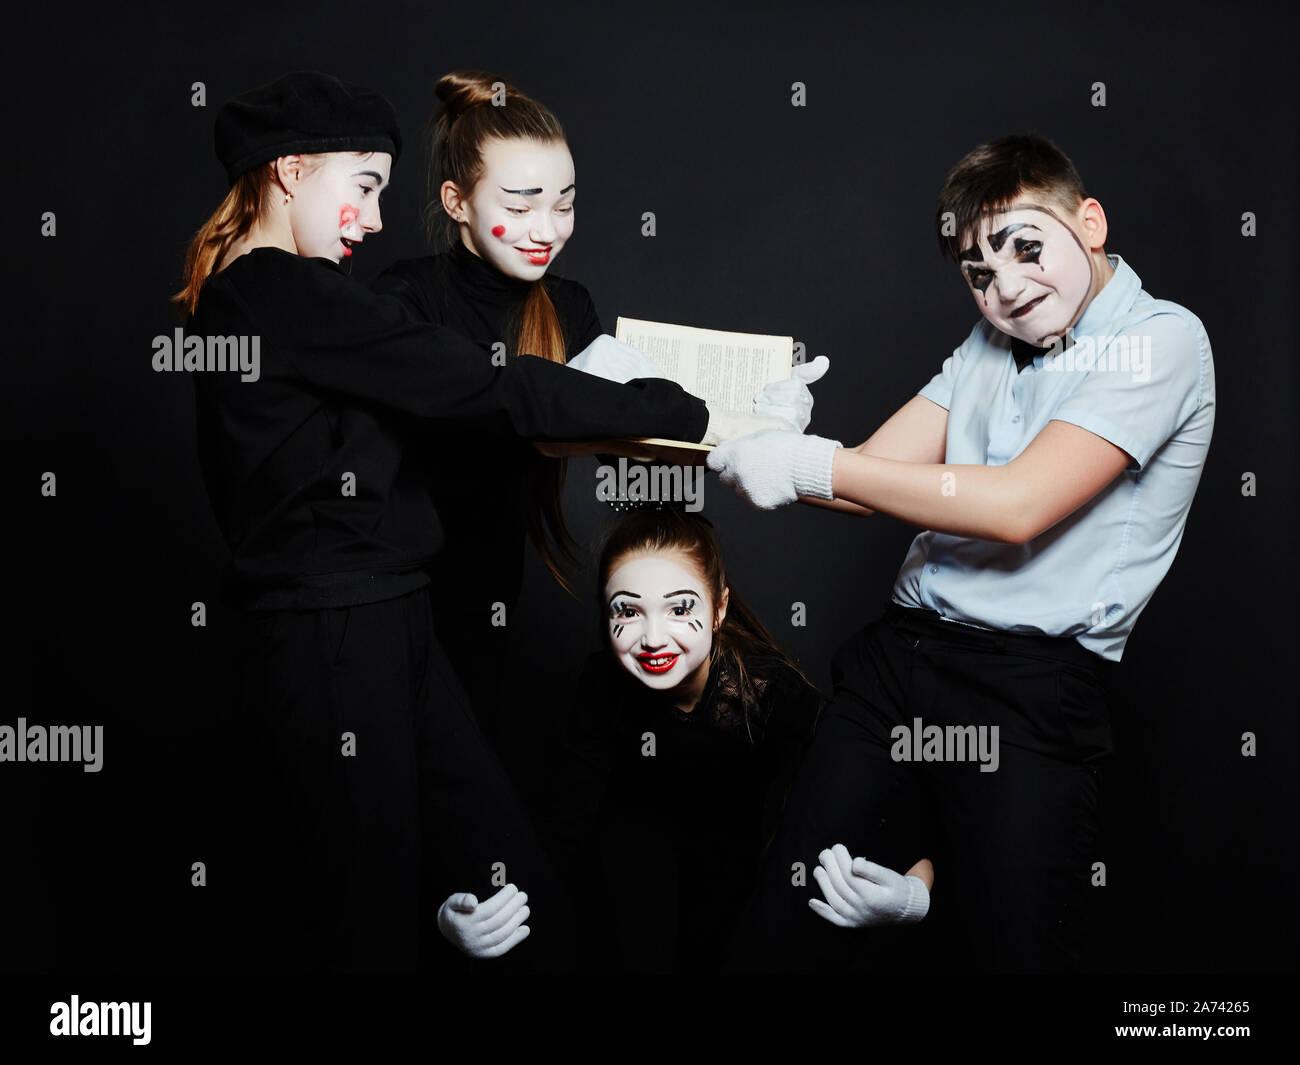 Bambini MIME foto di gruppo, pantomime emozioni diverse sui bambini del viso. Baby clown francese con il trucco bianco sul suo volto. La Russia, Sverdlovsk, 26 Janu Foto Stock